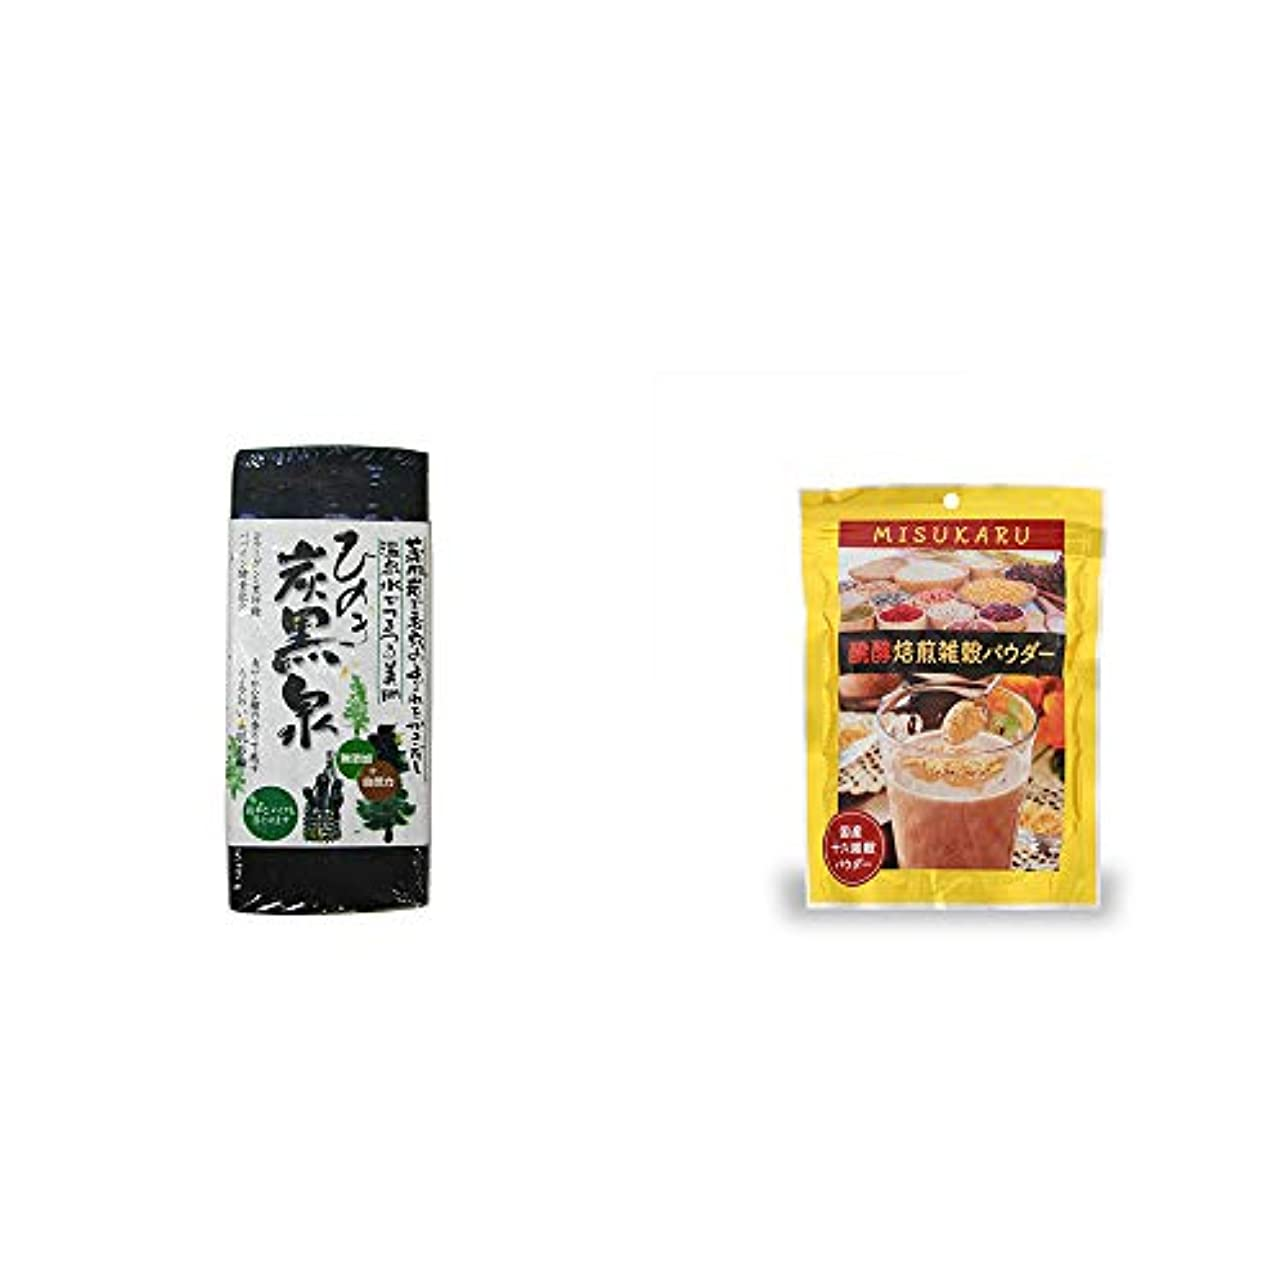 出くわすマークされたズボン[2点セット] ひのき炭黒泉(75g×2)?醗酵焙煎雑穀パウダー MISUKARU(ミスカル)(200g)